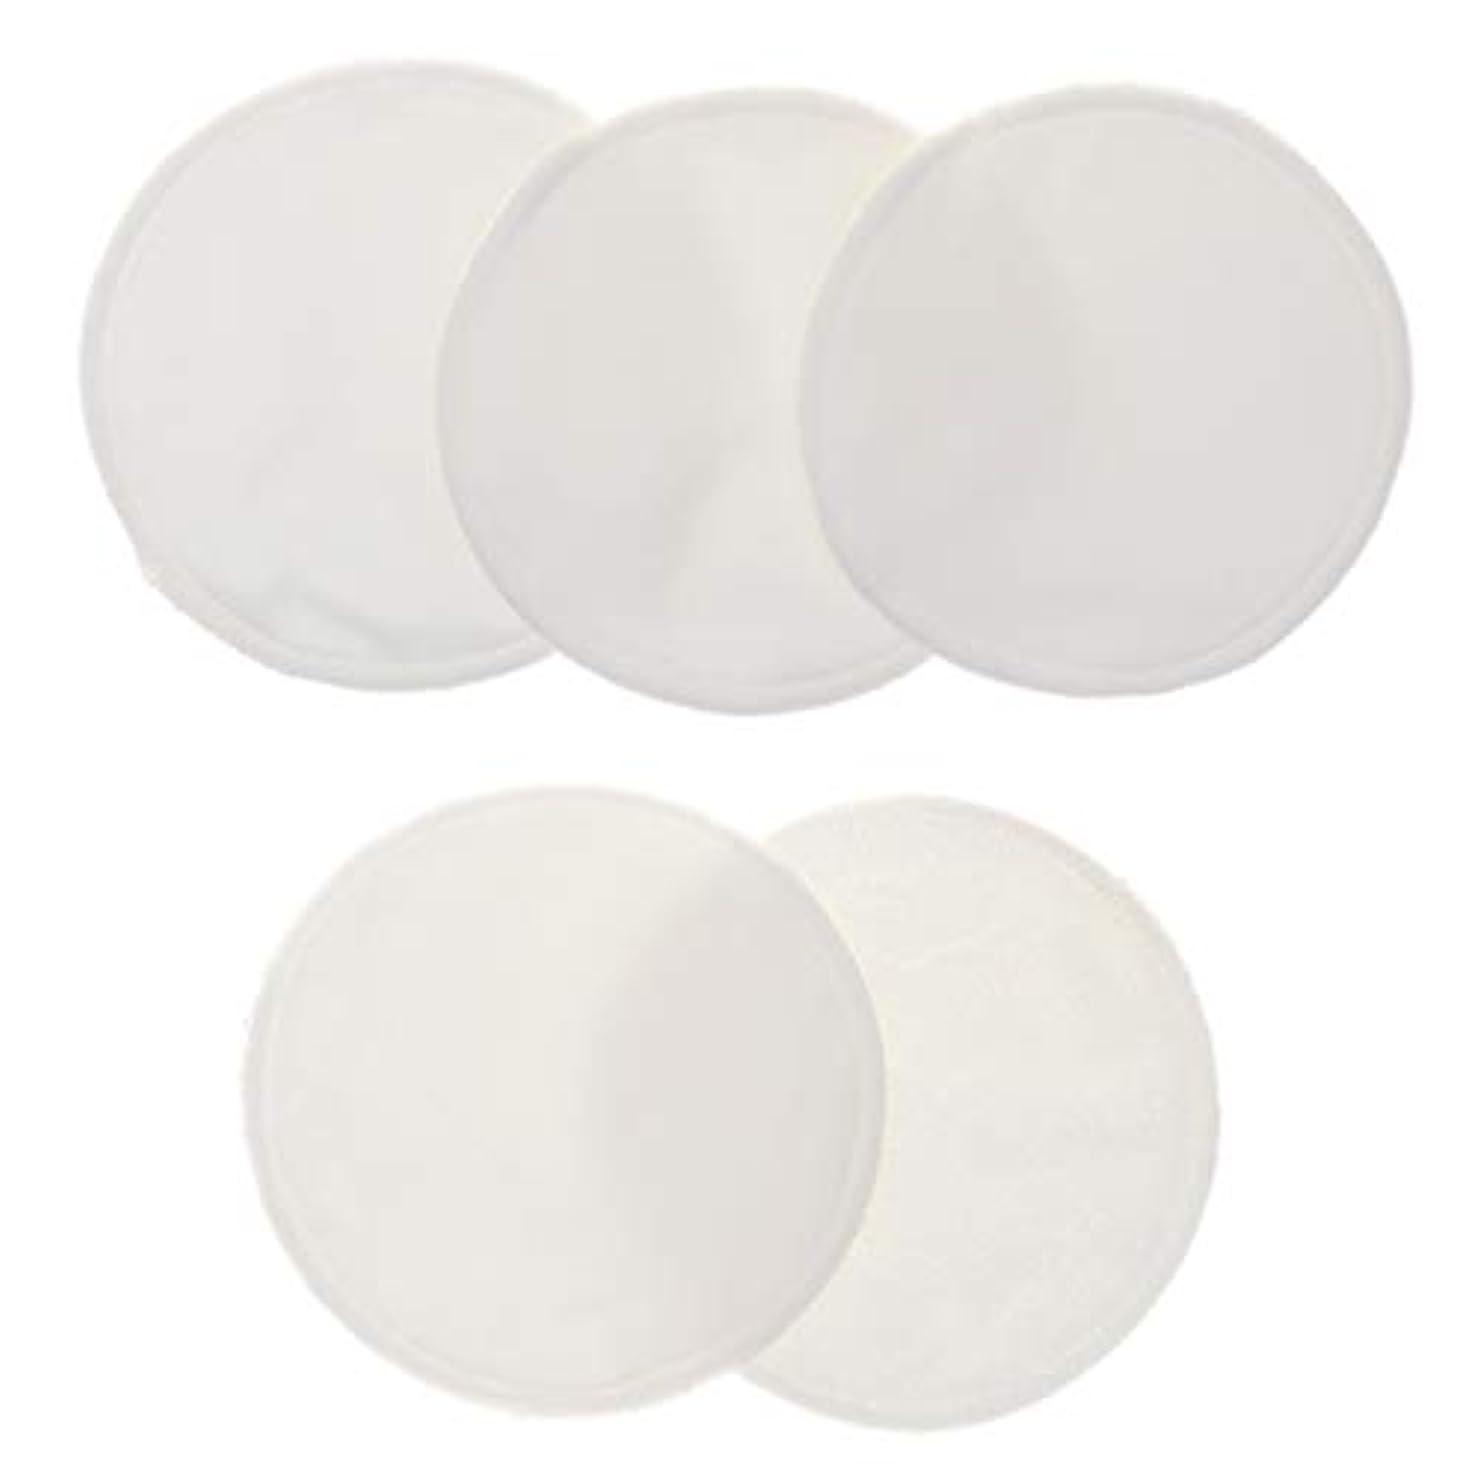 パイント税金有毒5個 クレンジングシート 胸パッド 化粧用 竹繊維 円形 12cm 洗える 再使用可能 耐久性 全5色 - 白